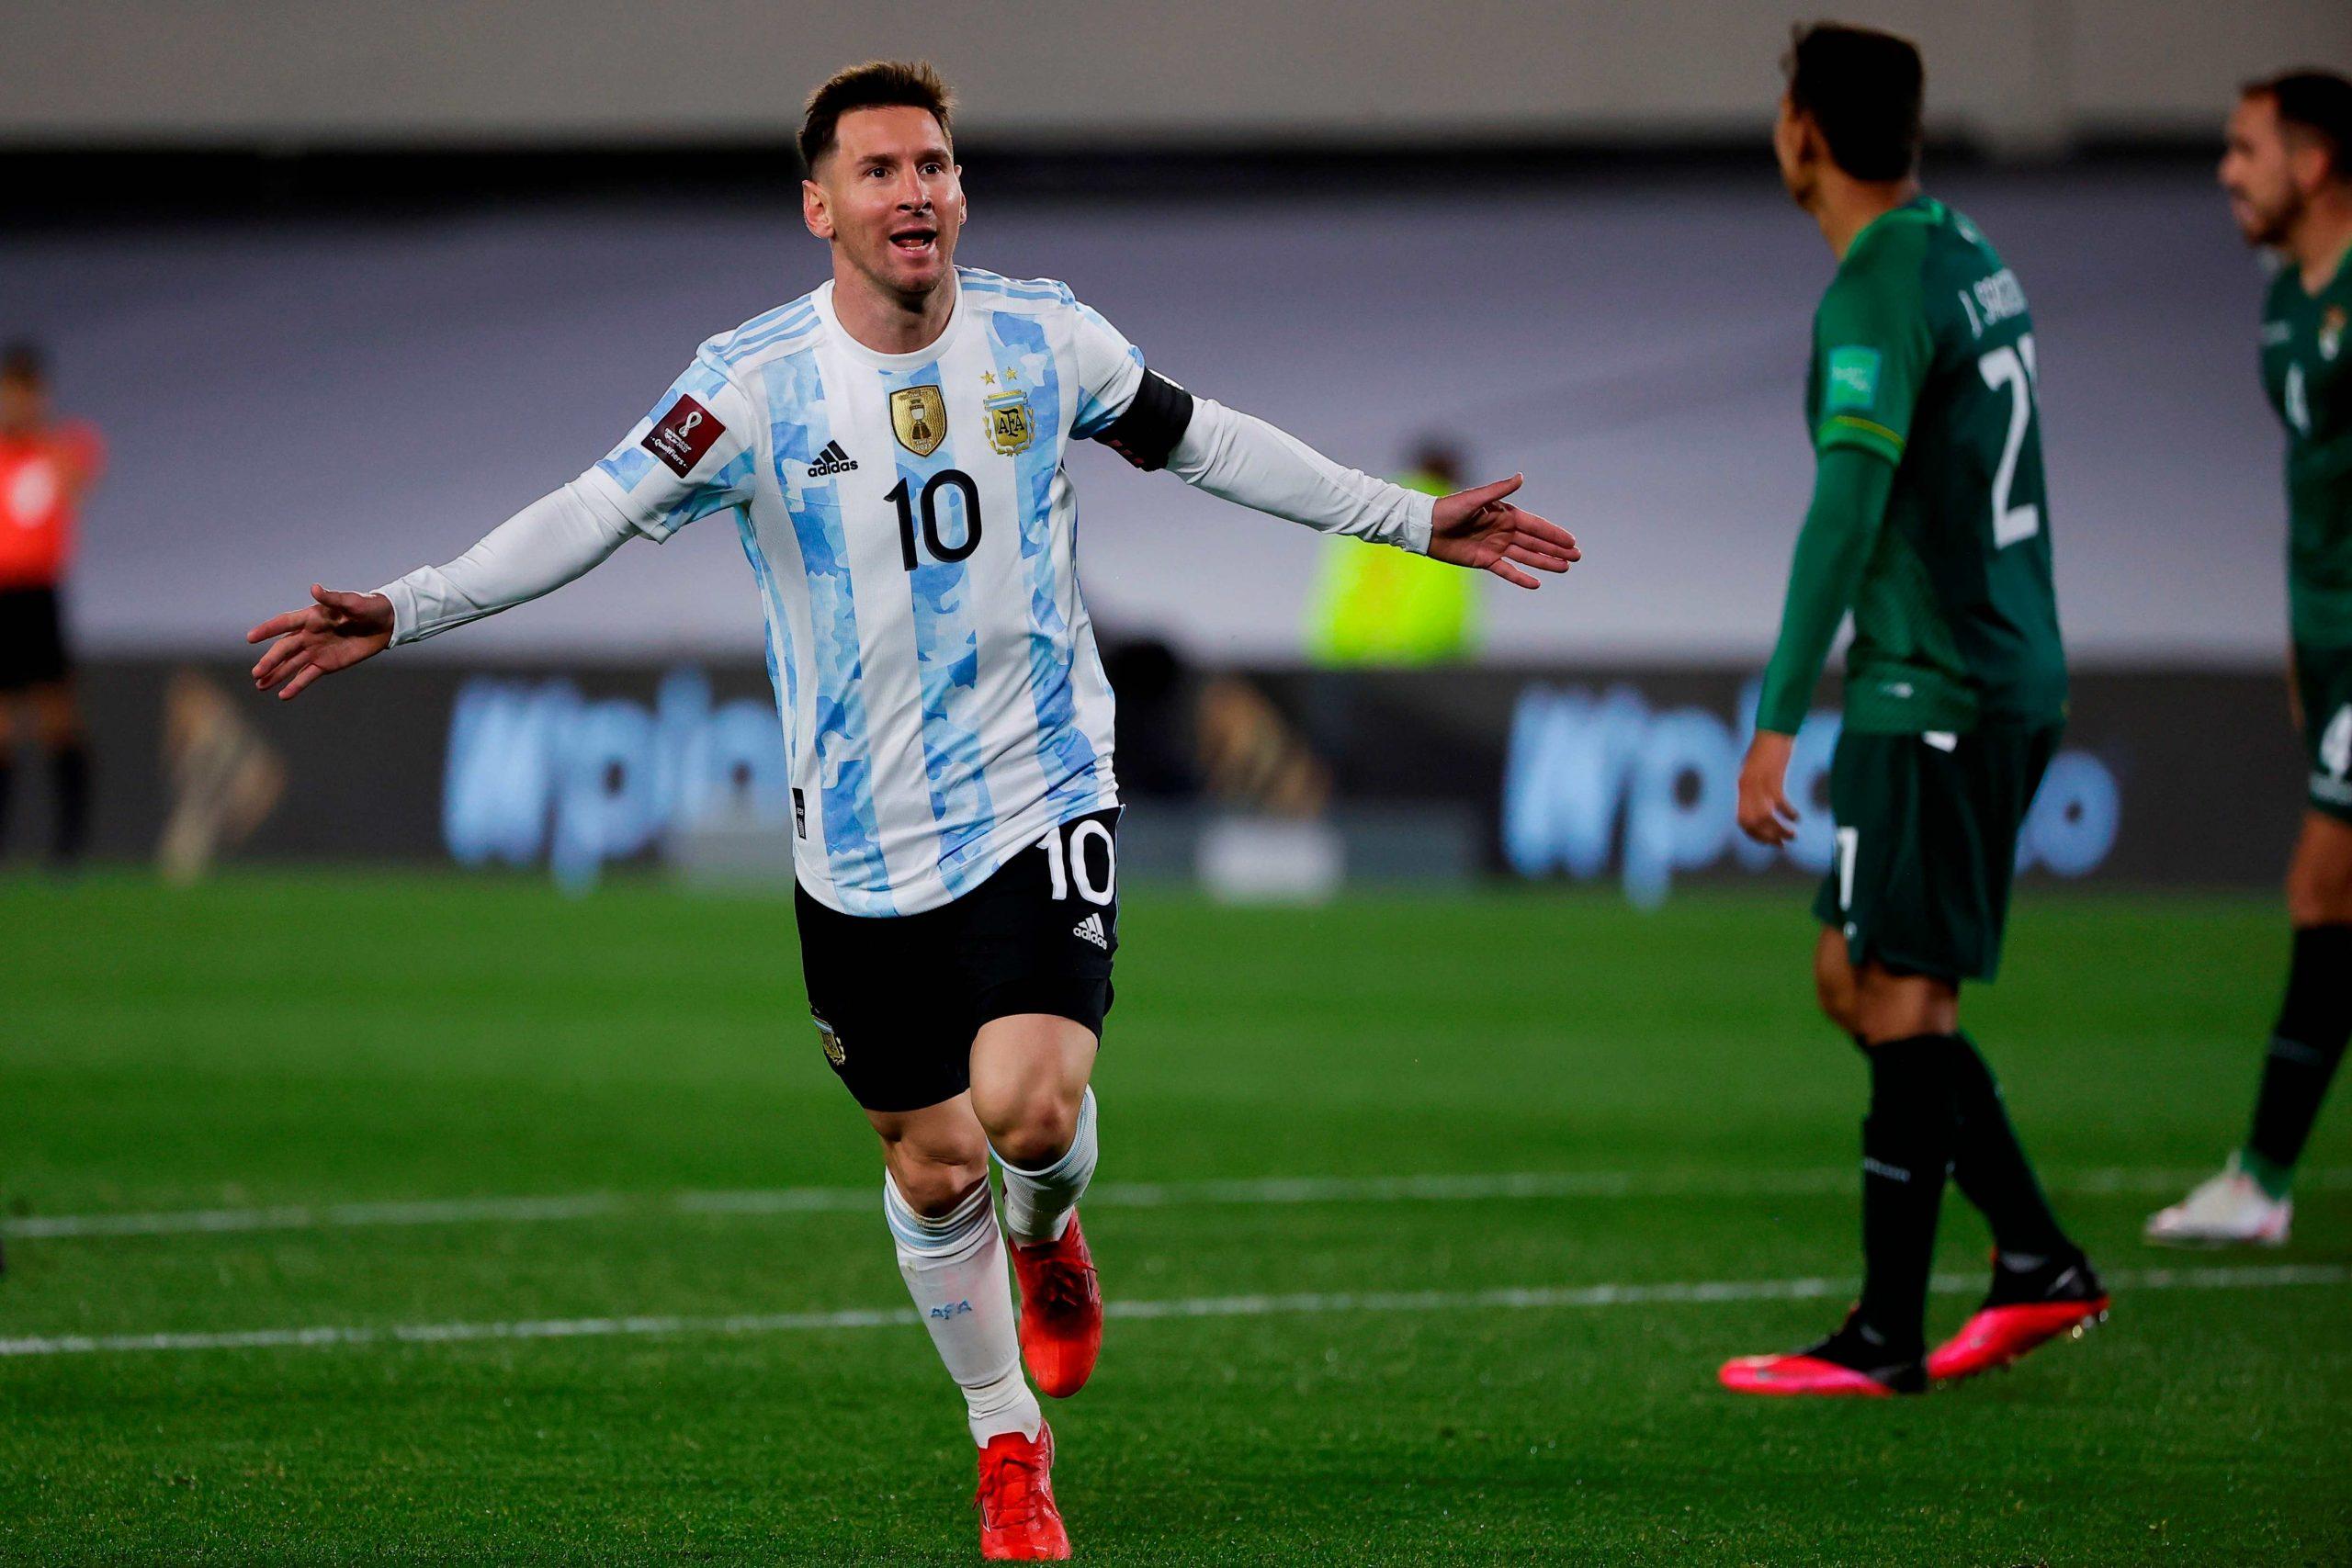 """Leo Messi rompe récord de """"Rey Pelé"""", anota un 'hat-trick' ante Bolivia y llora de emoción al final del partido - Prensa Libre"""